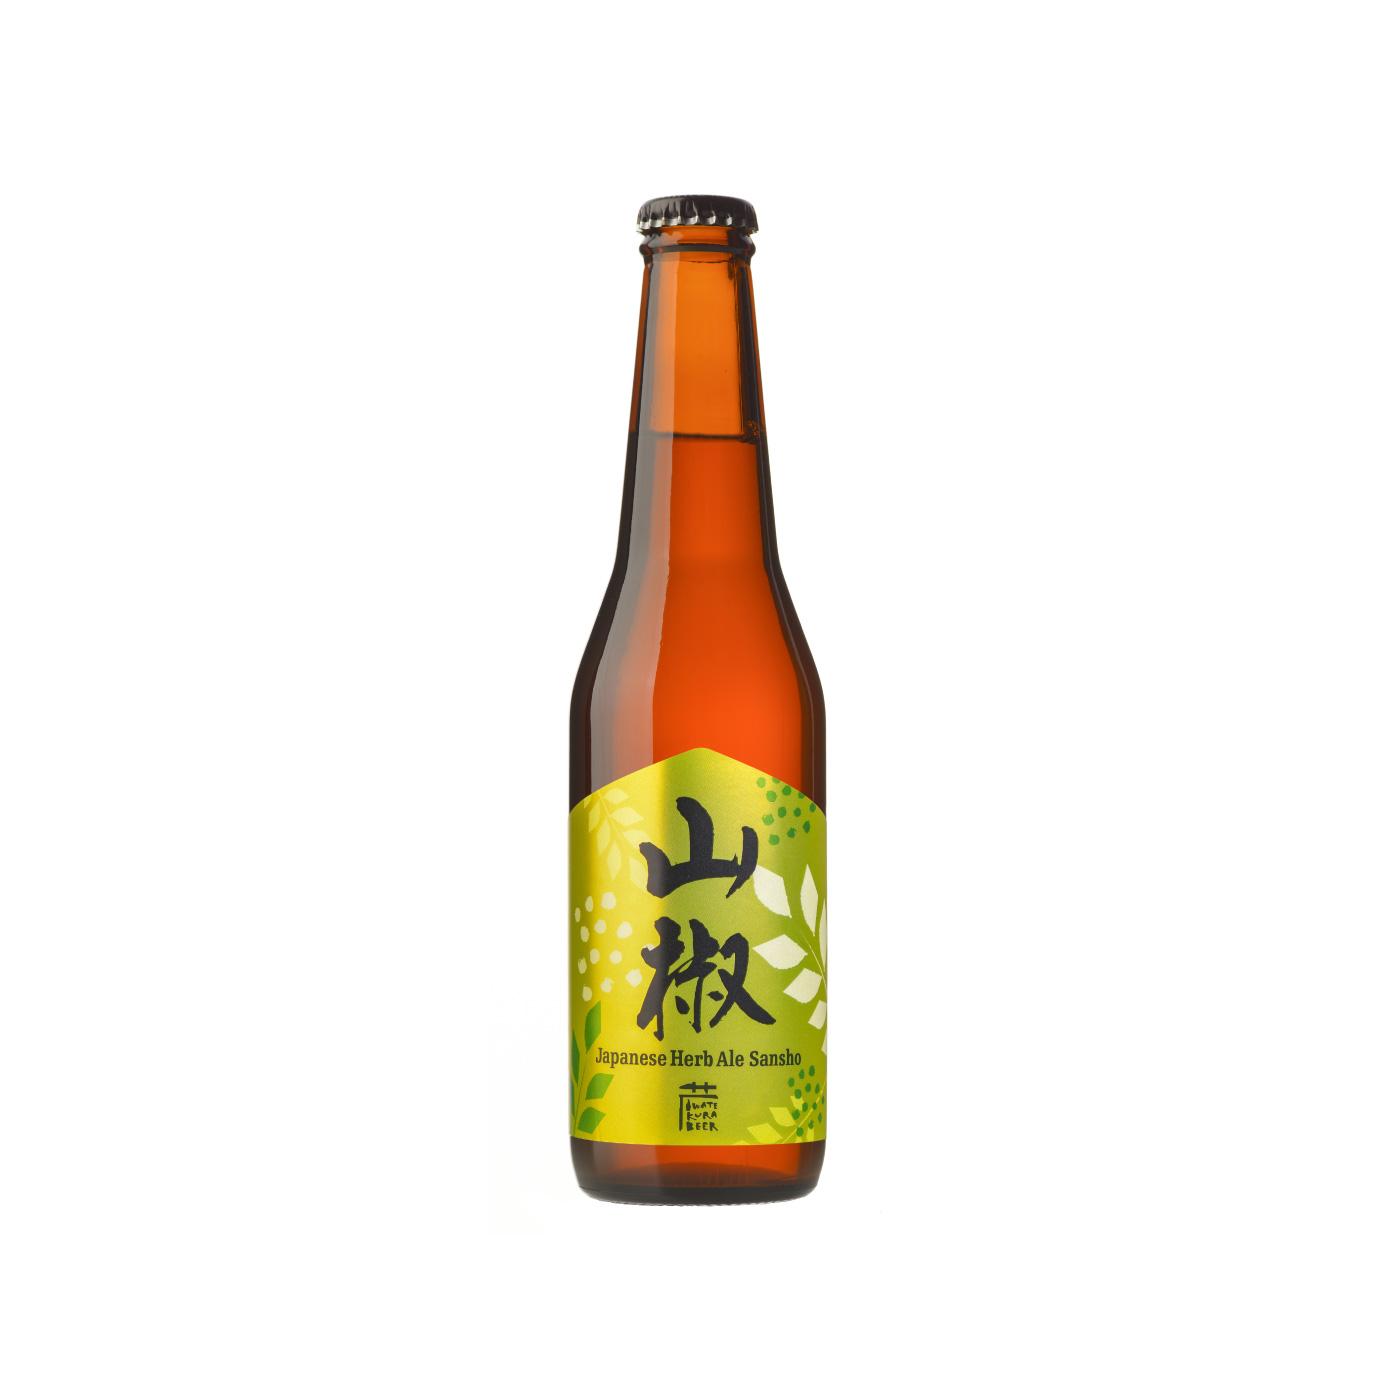 いわて蔵ビール ジャパニーズハーブエール山椒